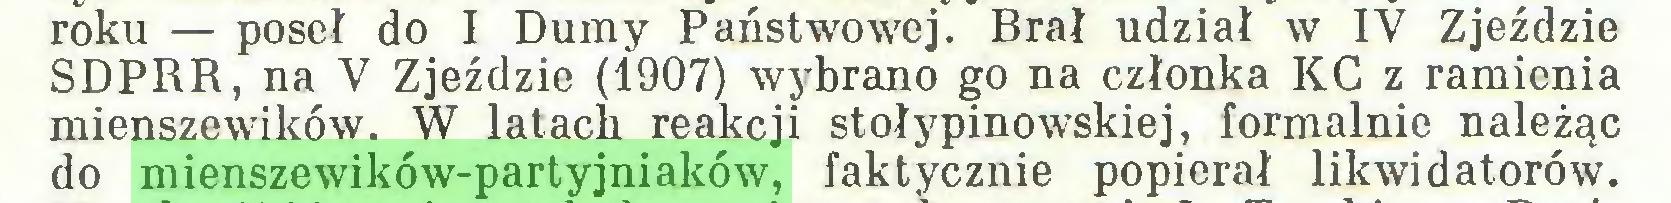 (...) roku — poseł do I Dumy Państwowej. Brał udział w IV Zjeździe SDPRR, na V Zjeździe (1907) wybrano go na członka KC z ramienia mienszewików. W latach reakcji stołypinowskiej, formalnie należąc do mienszewików-partyjniaków, faktycznie popierał likwidatorów...